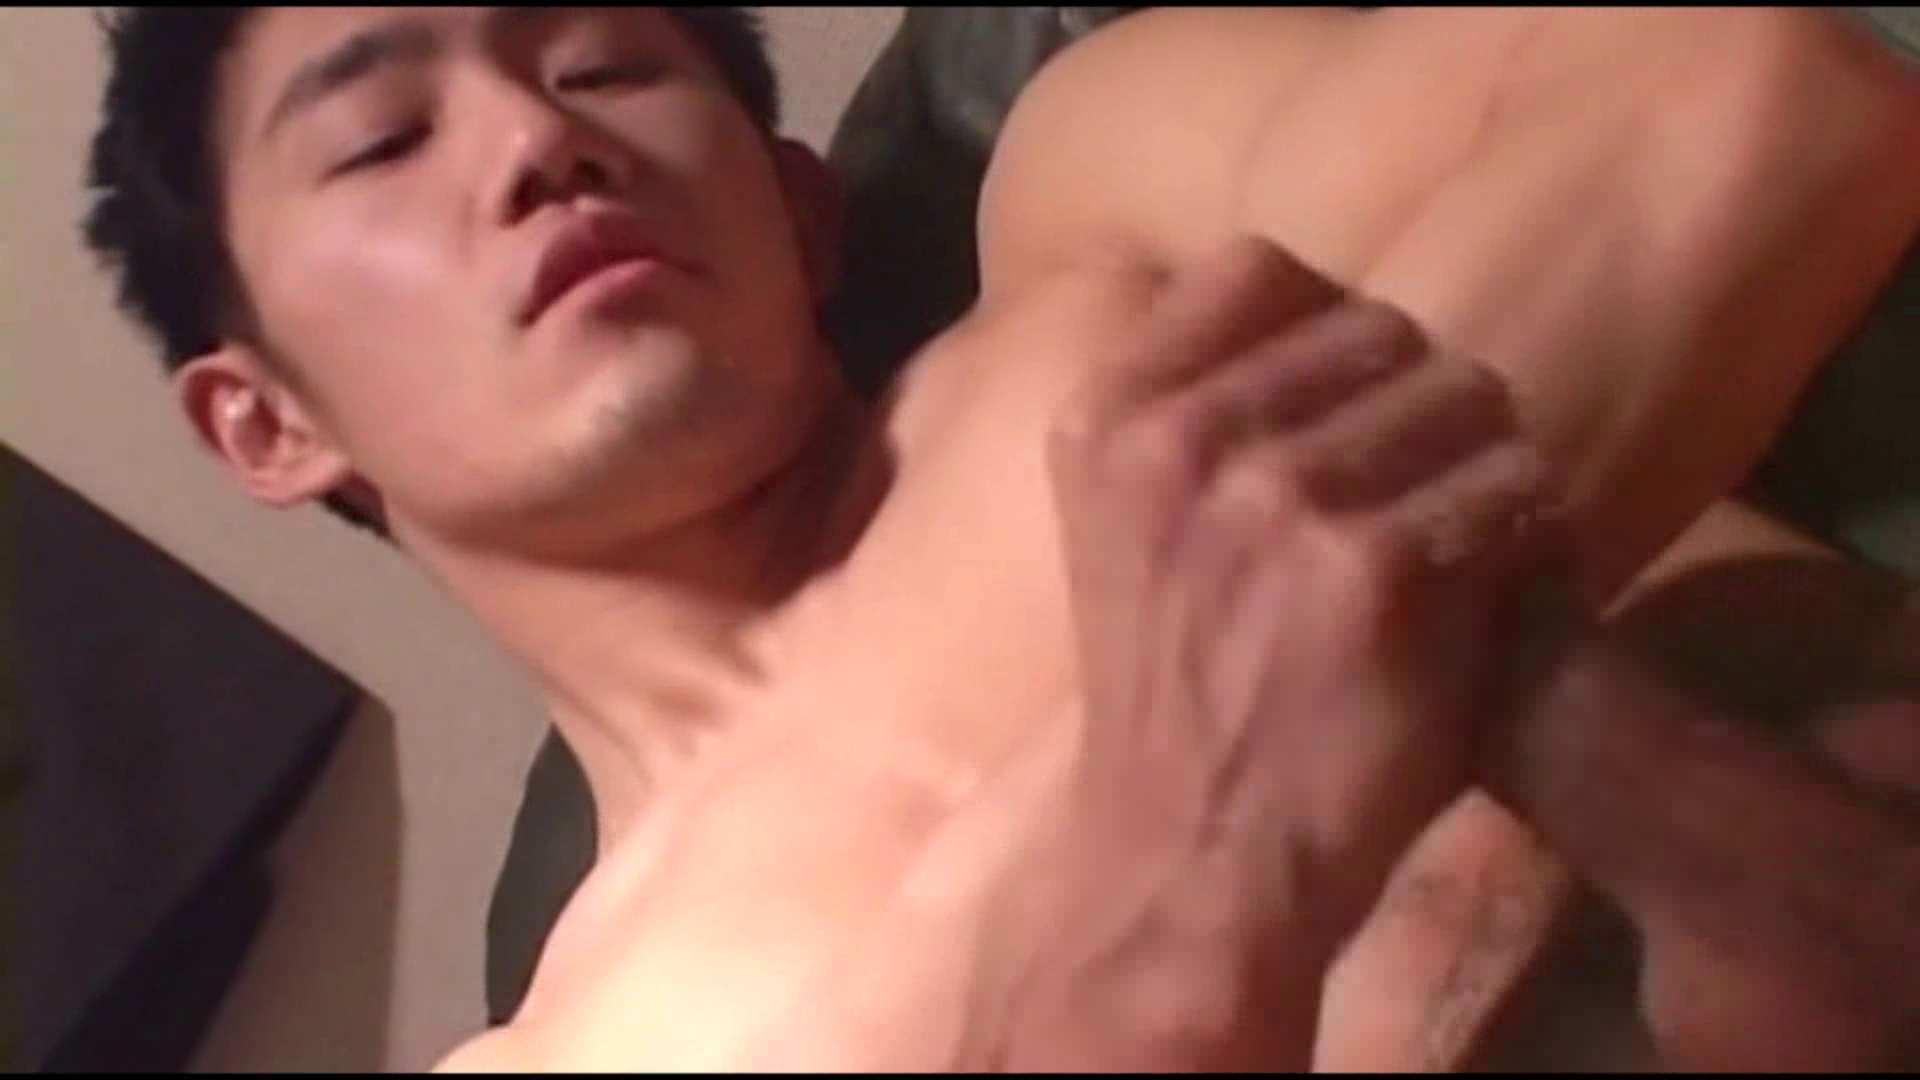 ショウ&ナオキのエロMAXファンタジーVOL.02(ショウ編) 手コキ ちんぽ画像 89連発 59